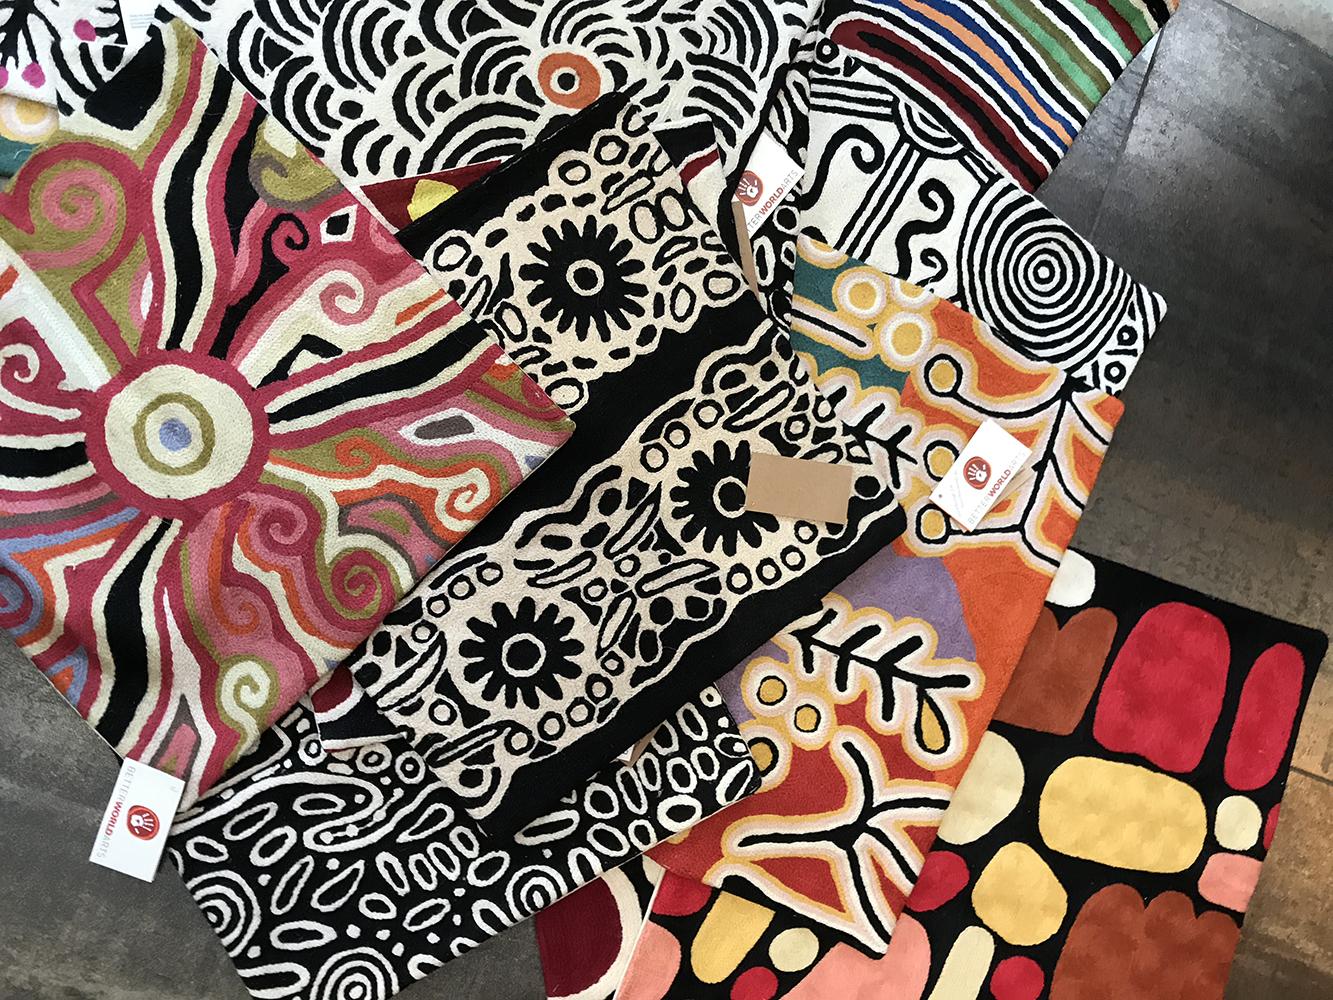 nouvel arrivage coussins aborigènes-1-temaglerie